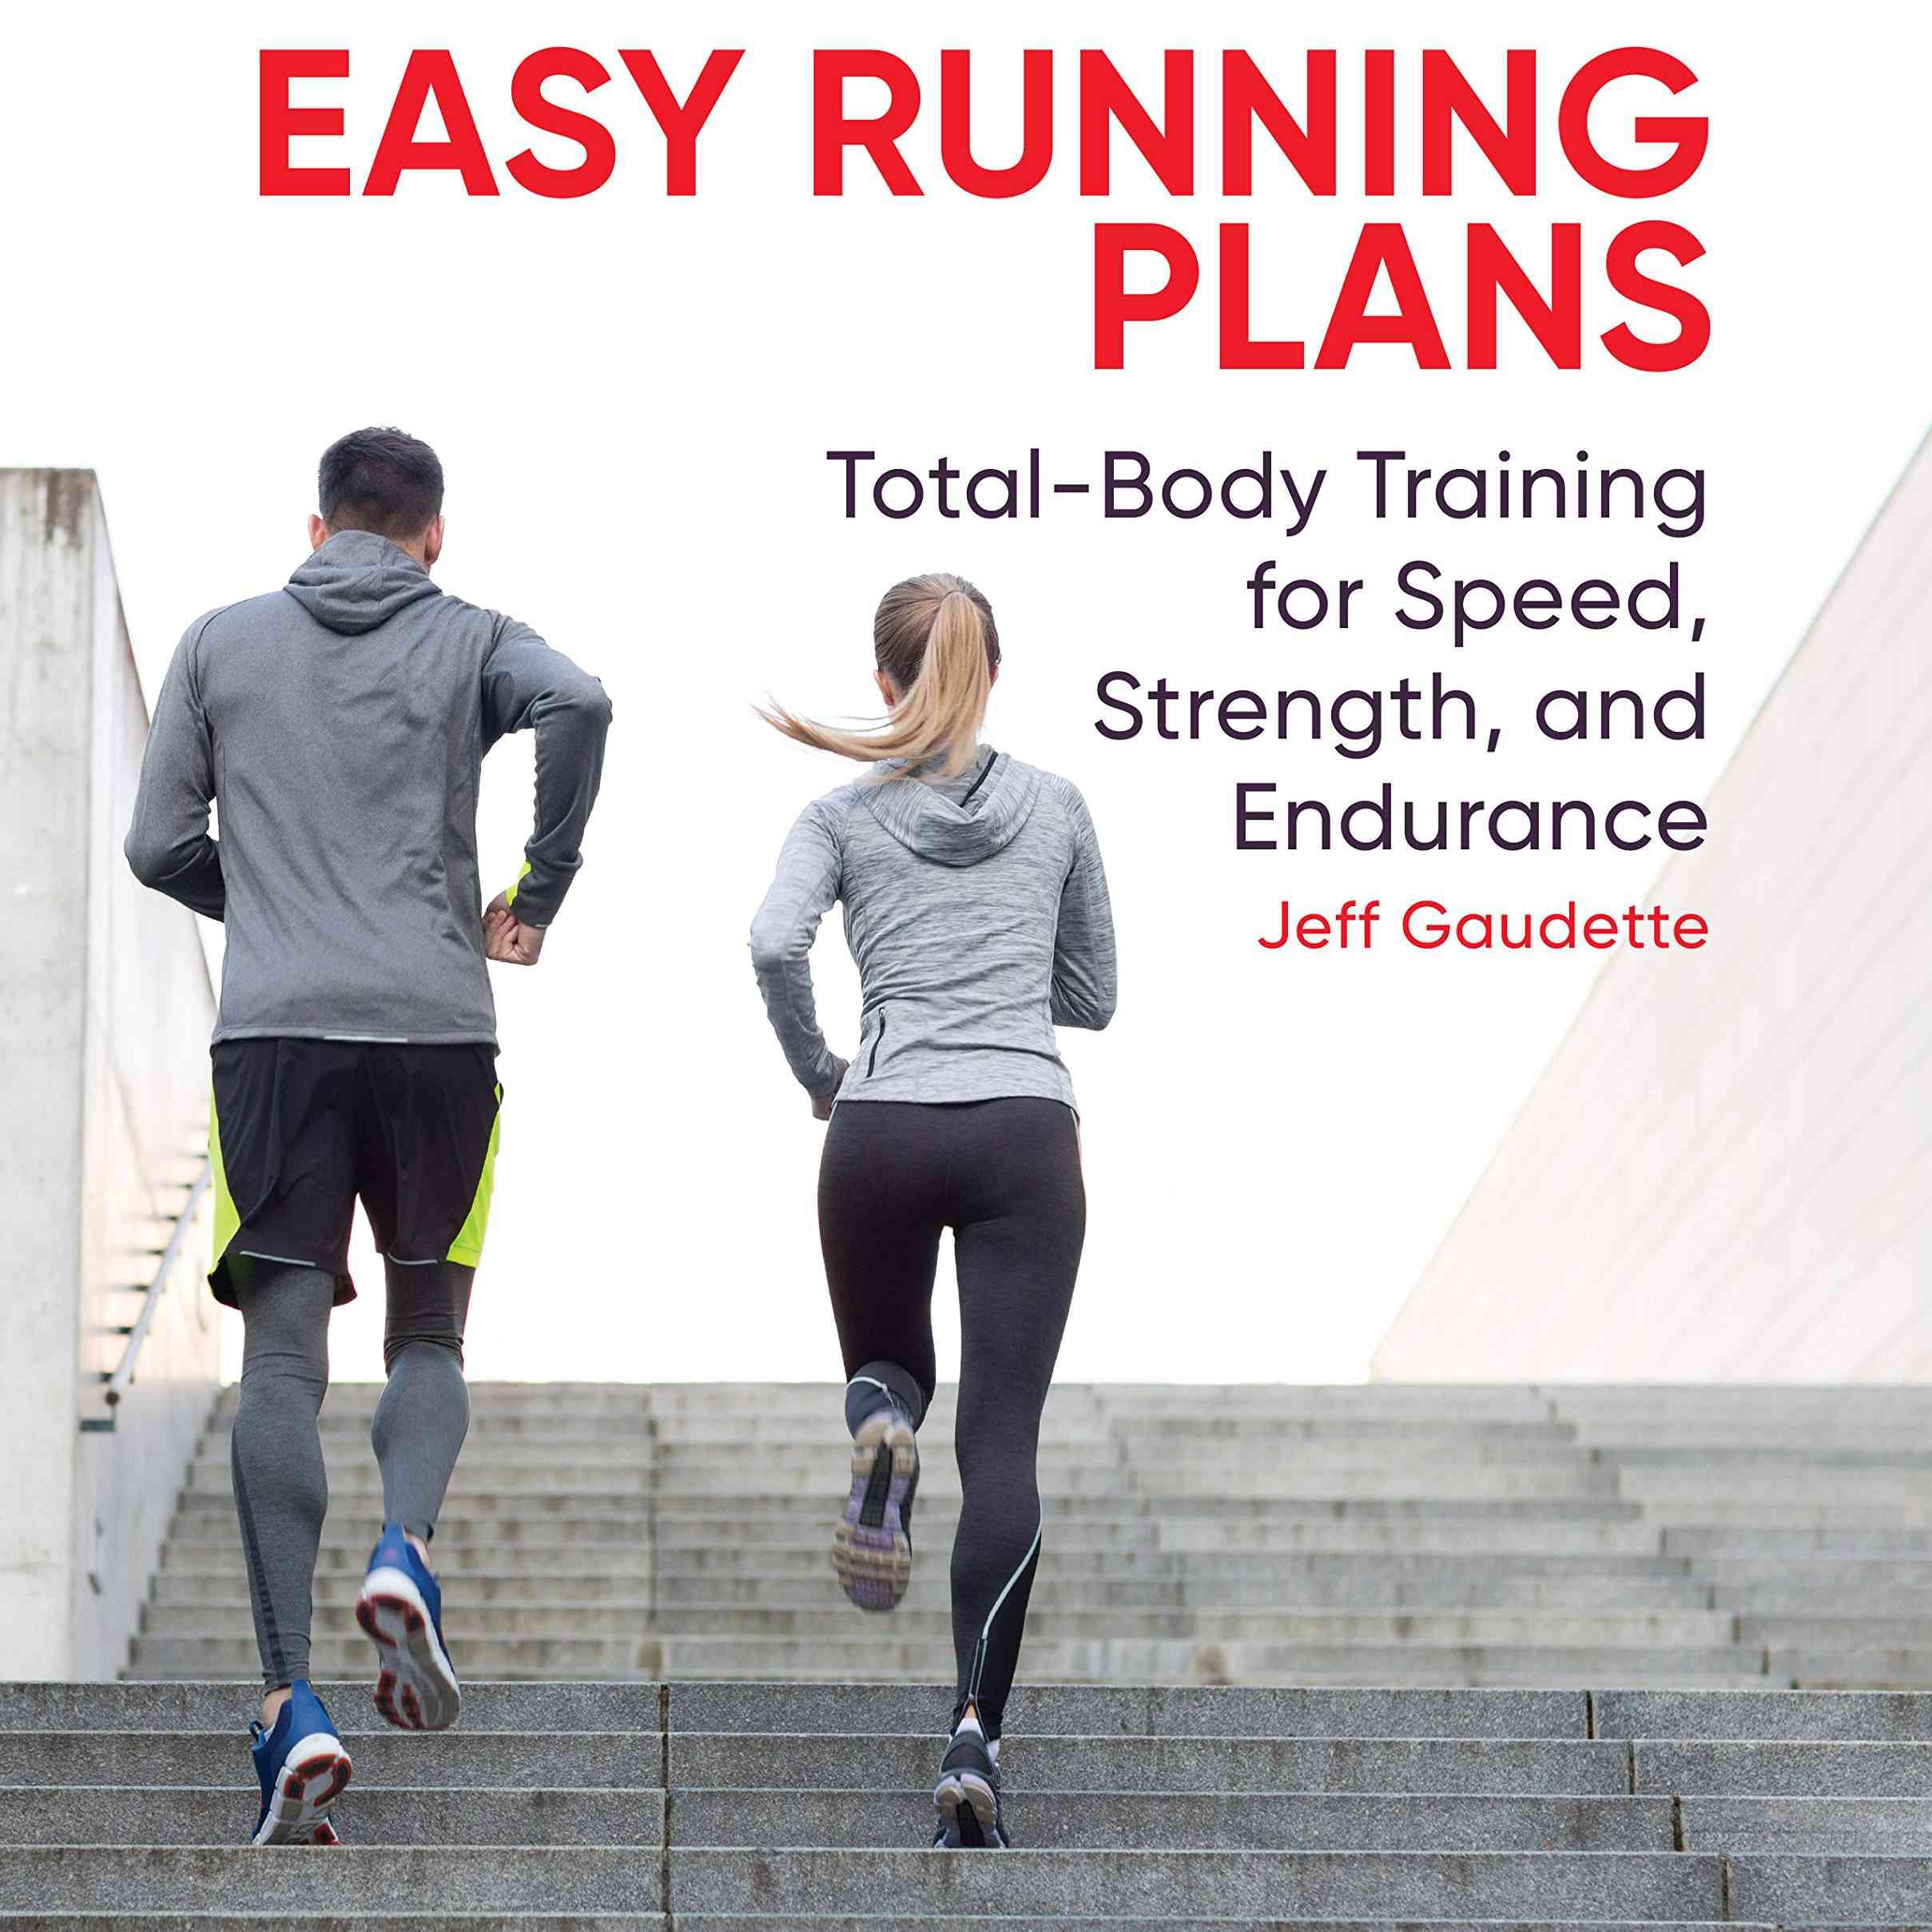 Easy Running Plans: Total-Body Training